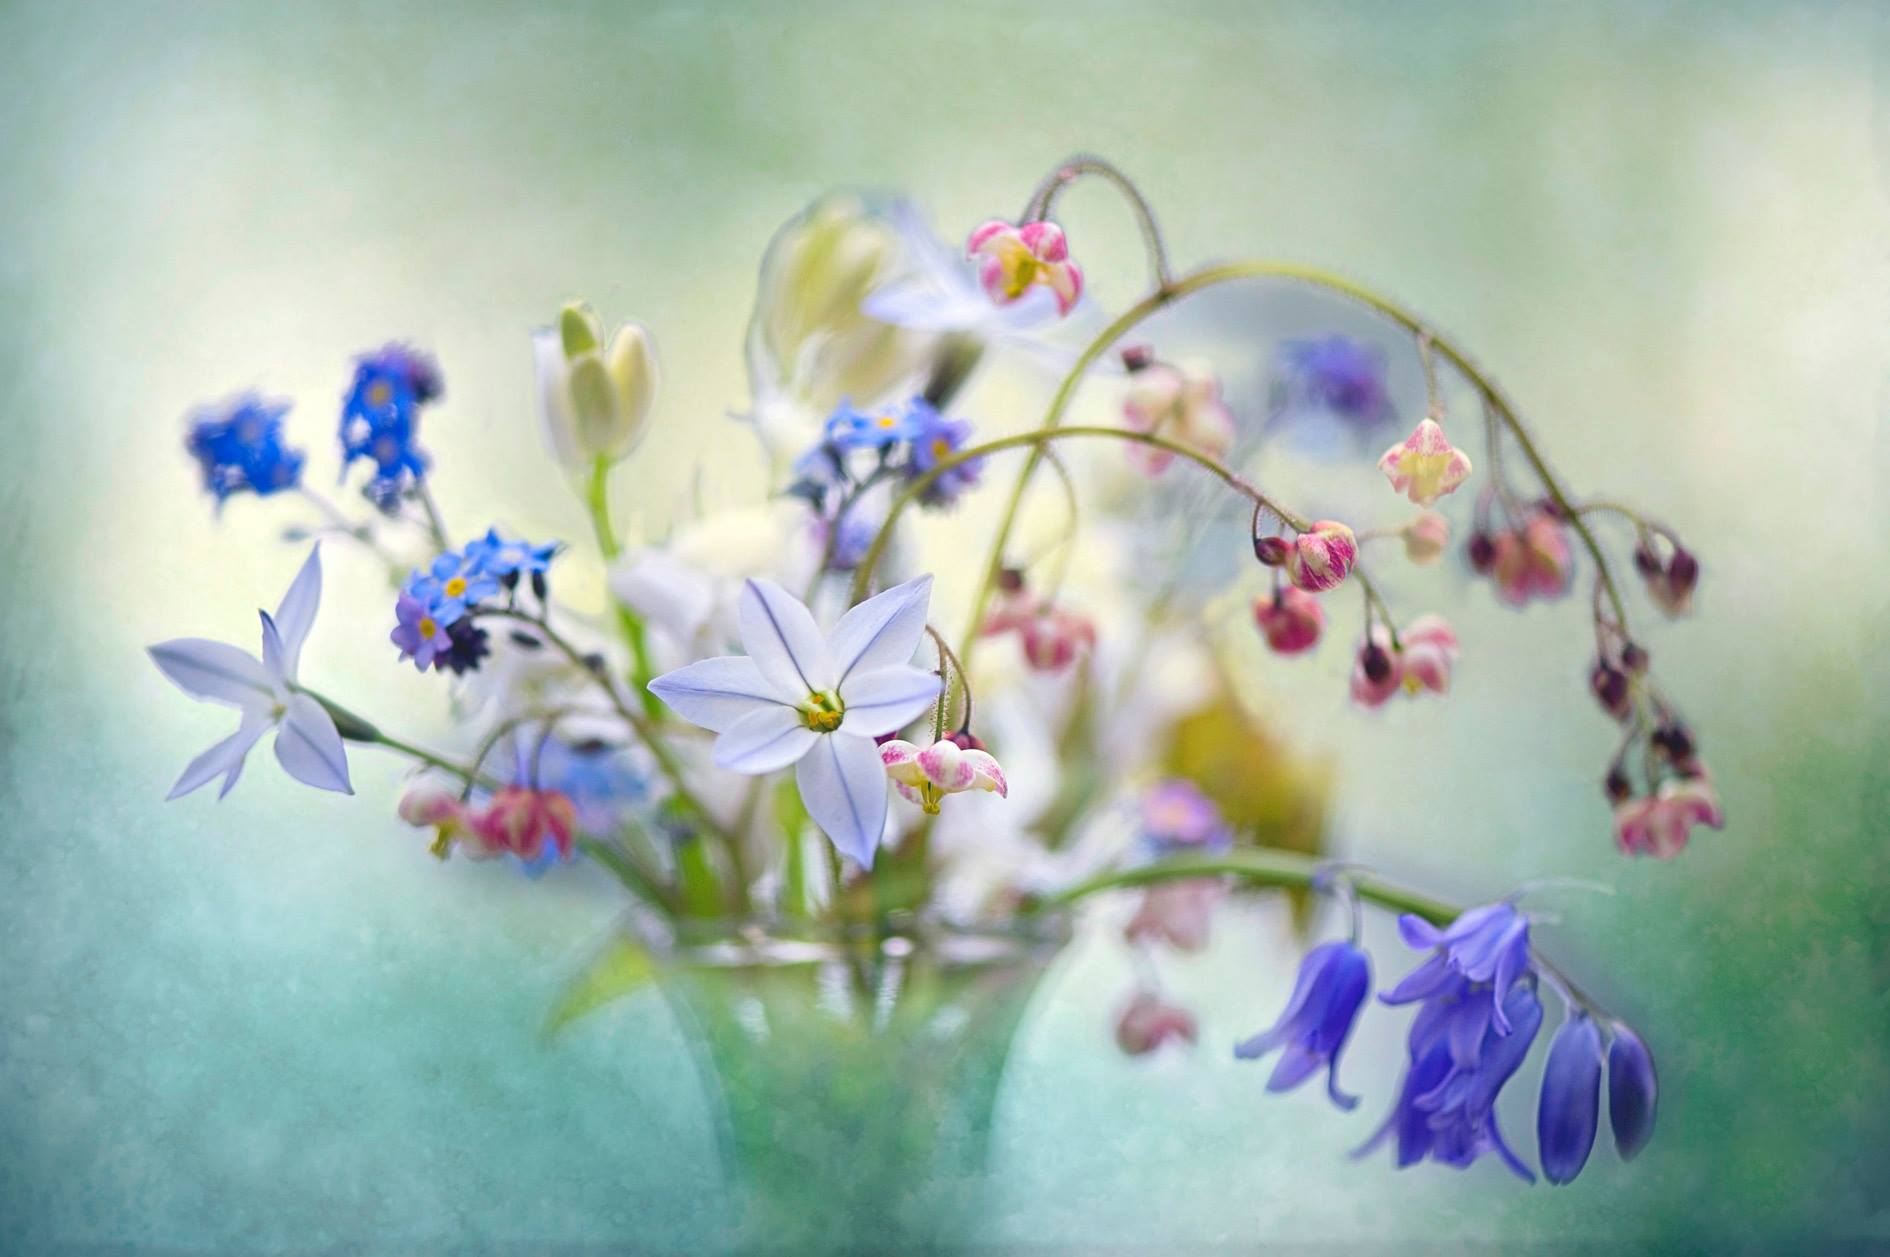 ¿Hay algún aroma que te traiga a la memoria un momento especial?